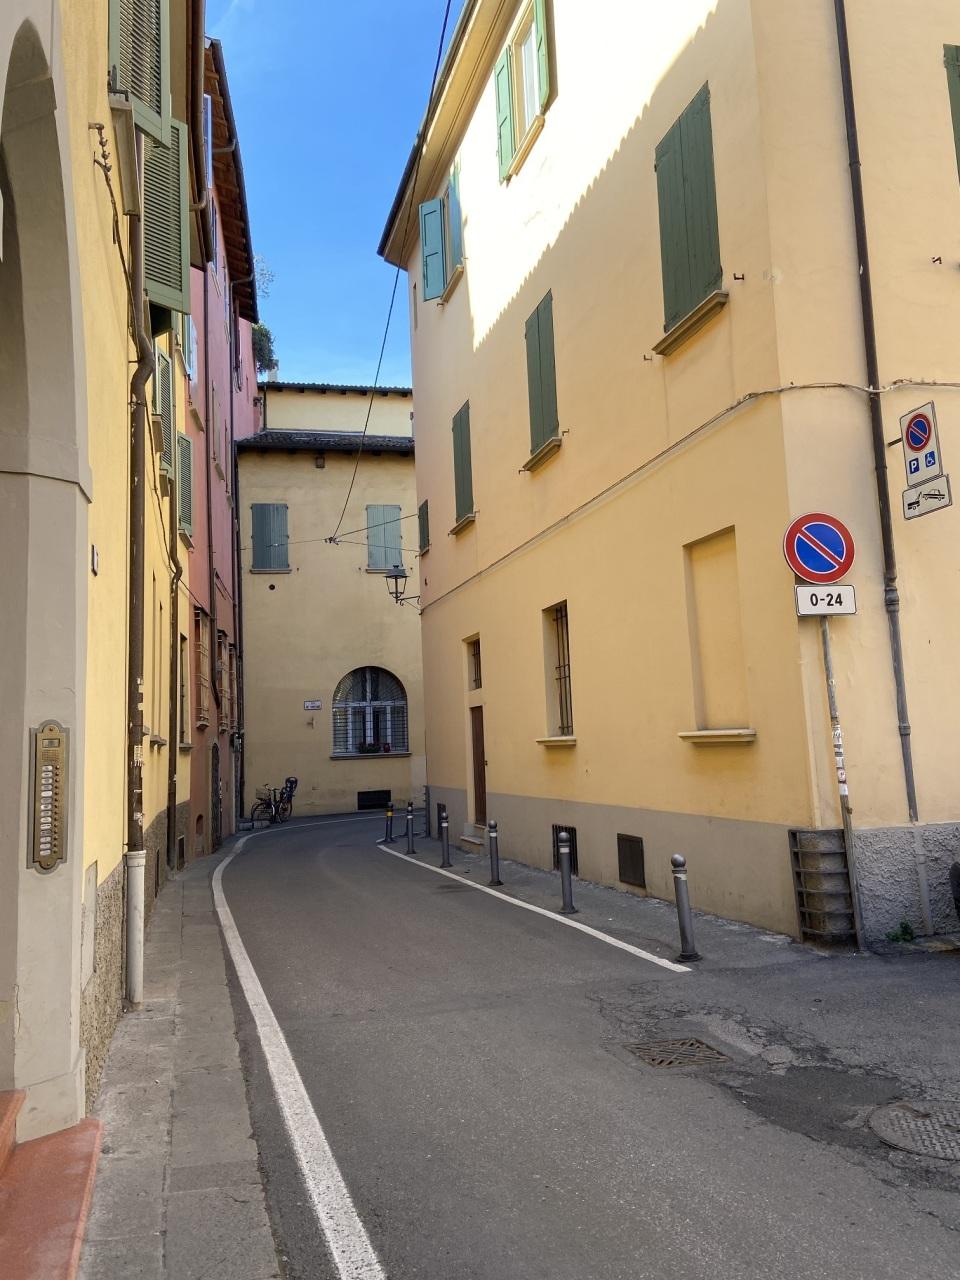 Ufficio in affitto a Bologna (BO)